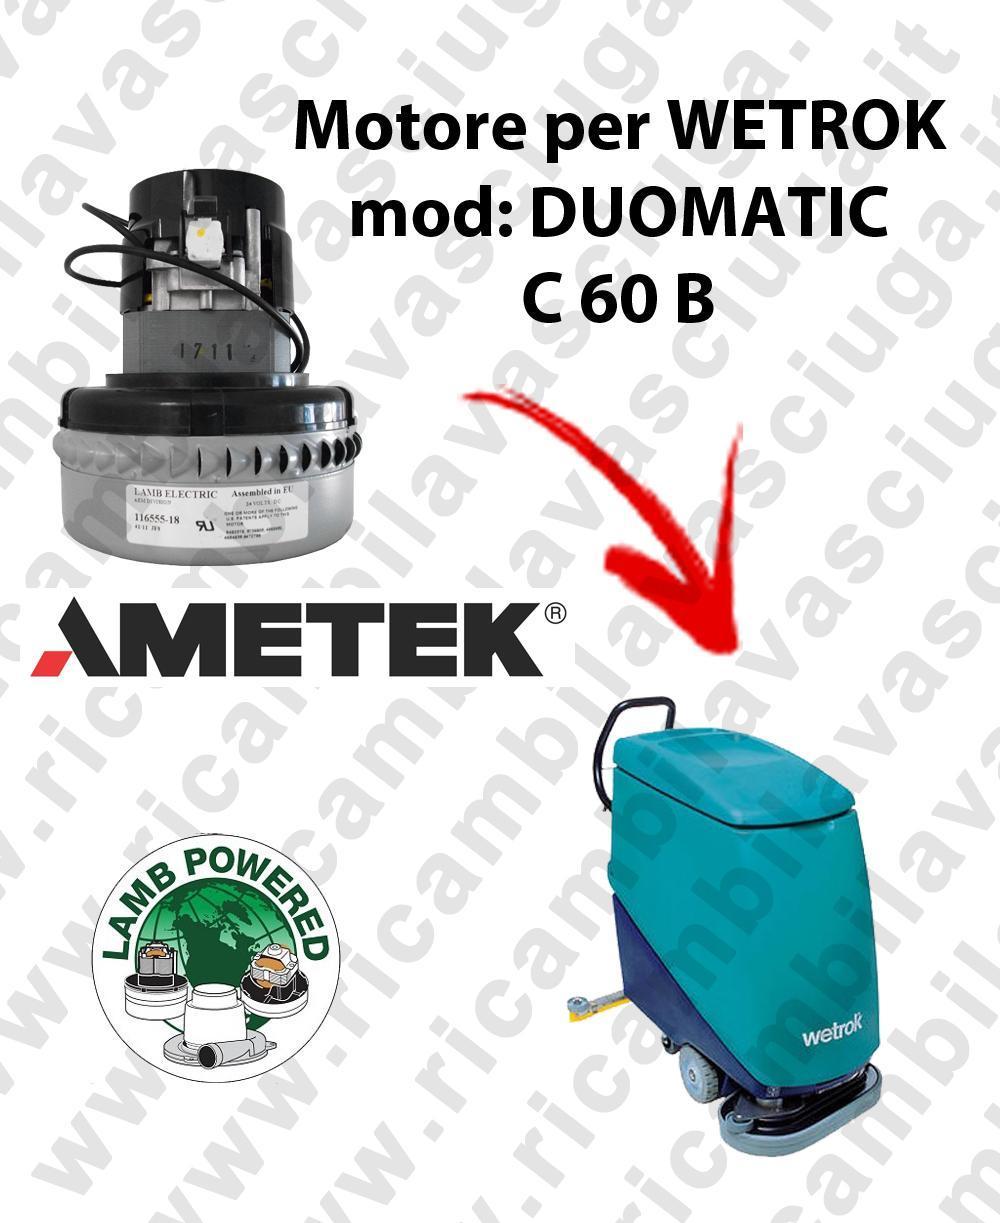 DUOMATIC C 60 B MOTEUR ASPIRATION LAMB AMATEK pour autolaveuses WETROK